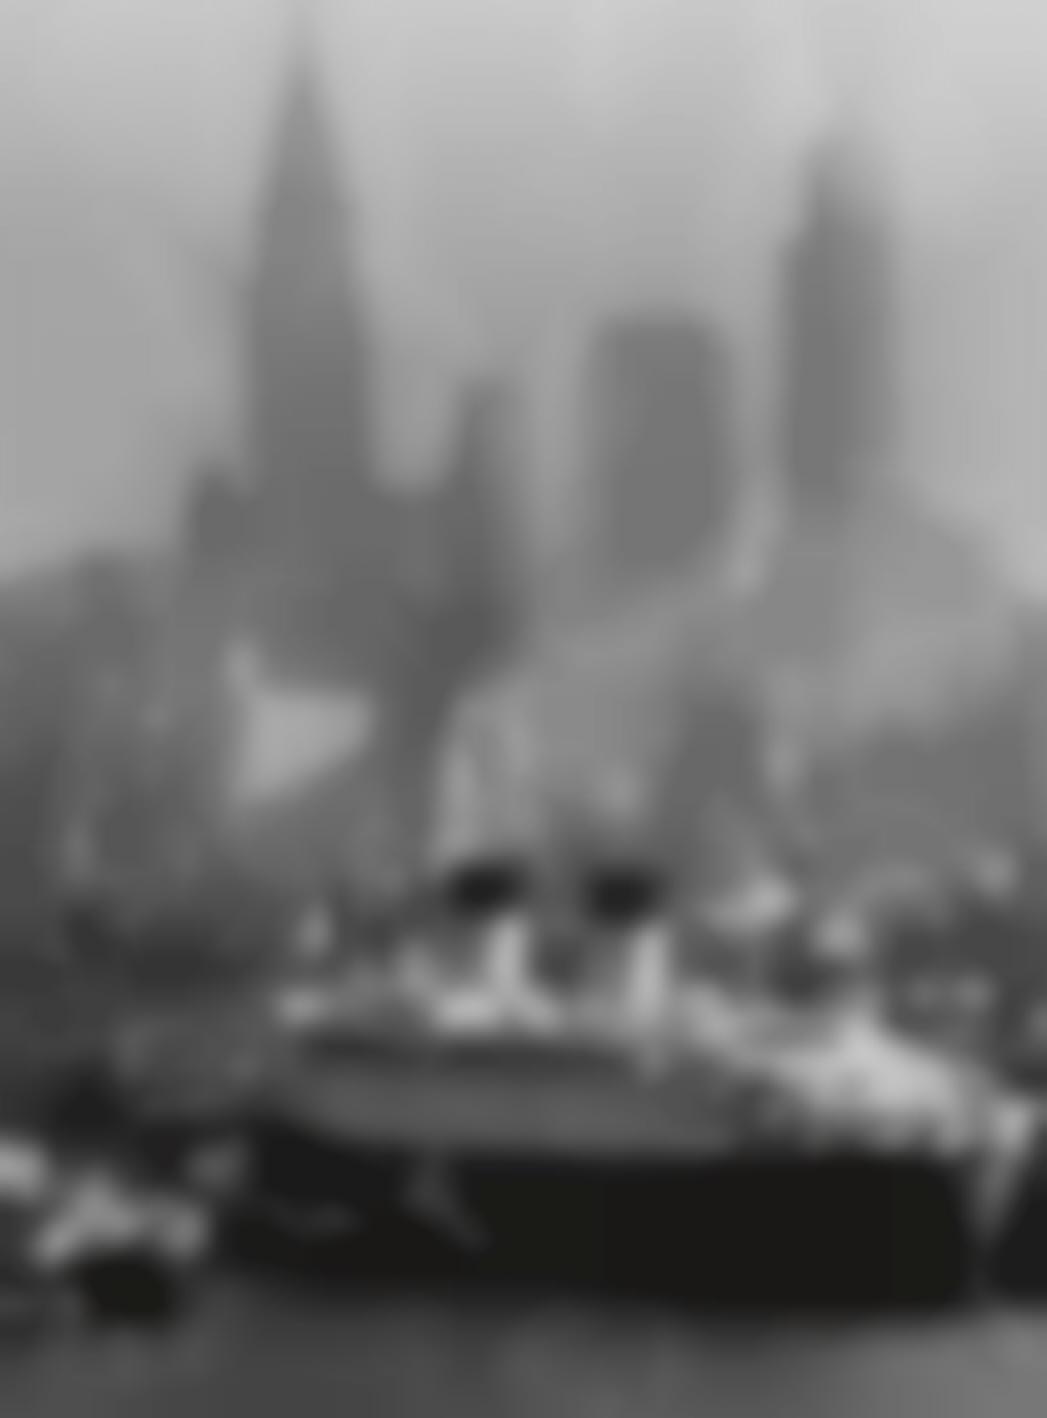 Andreas Feininger-Queen Elizabeth In New York Harbor-1946